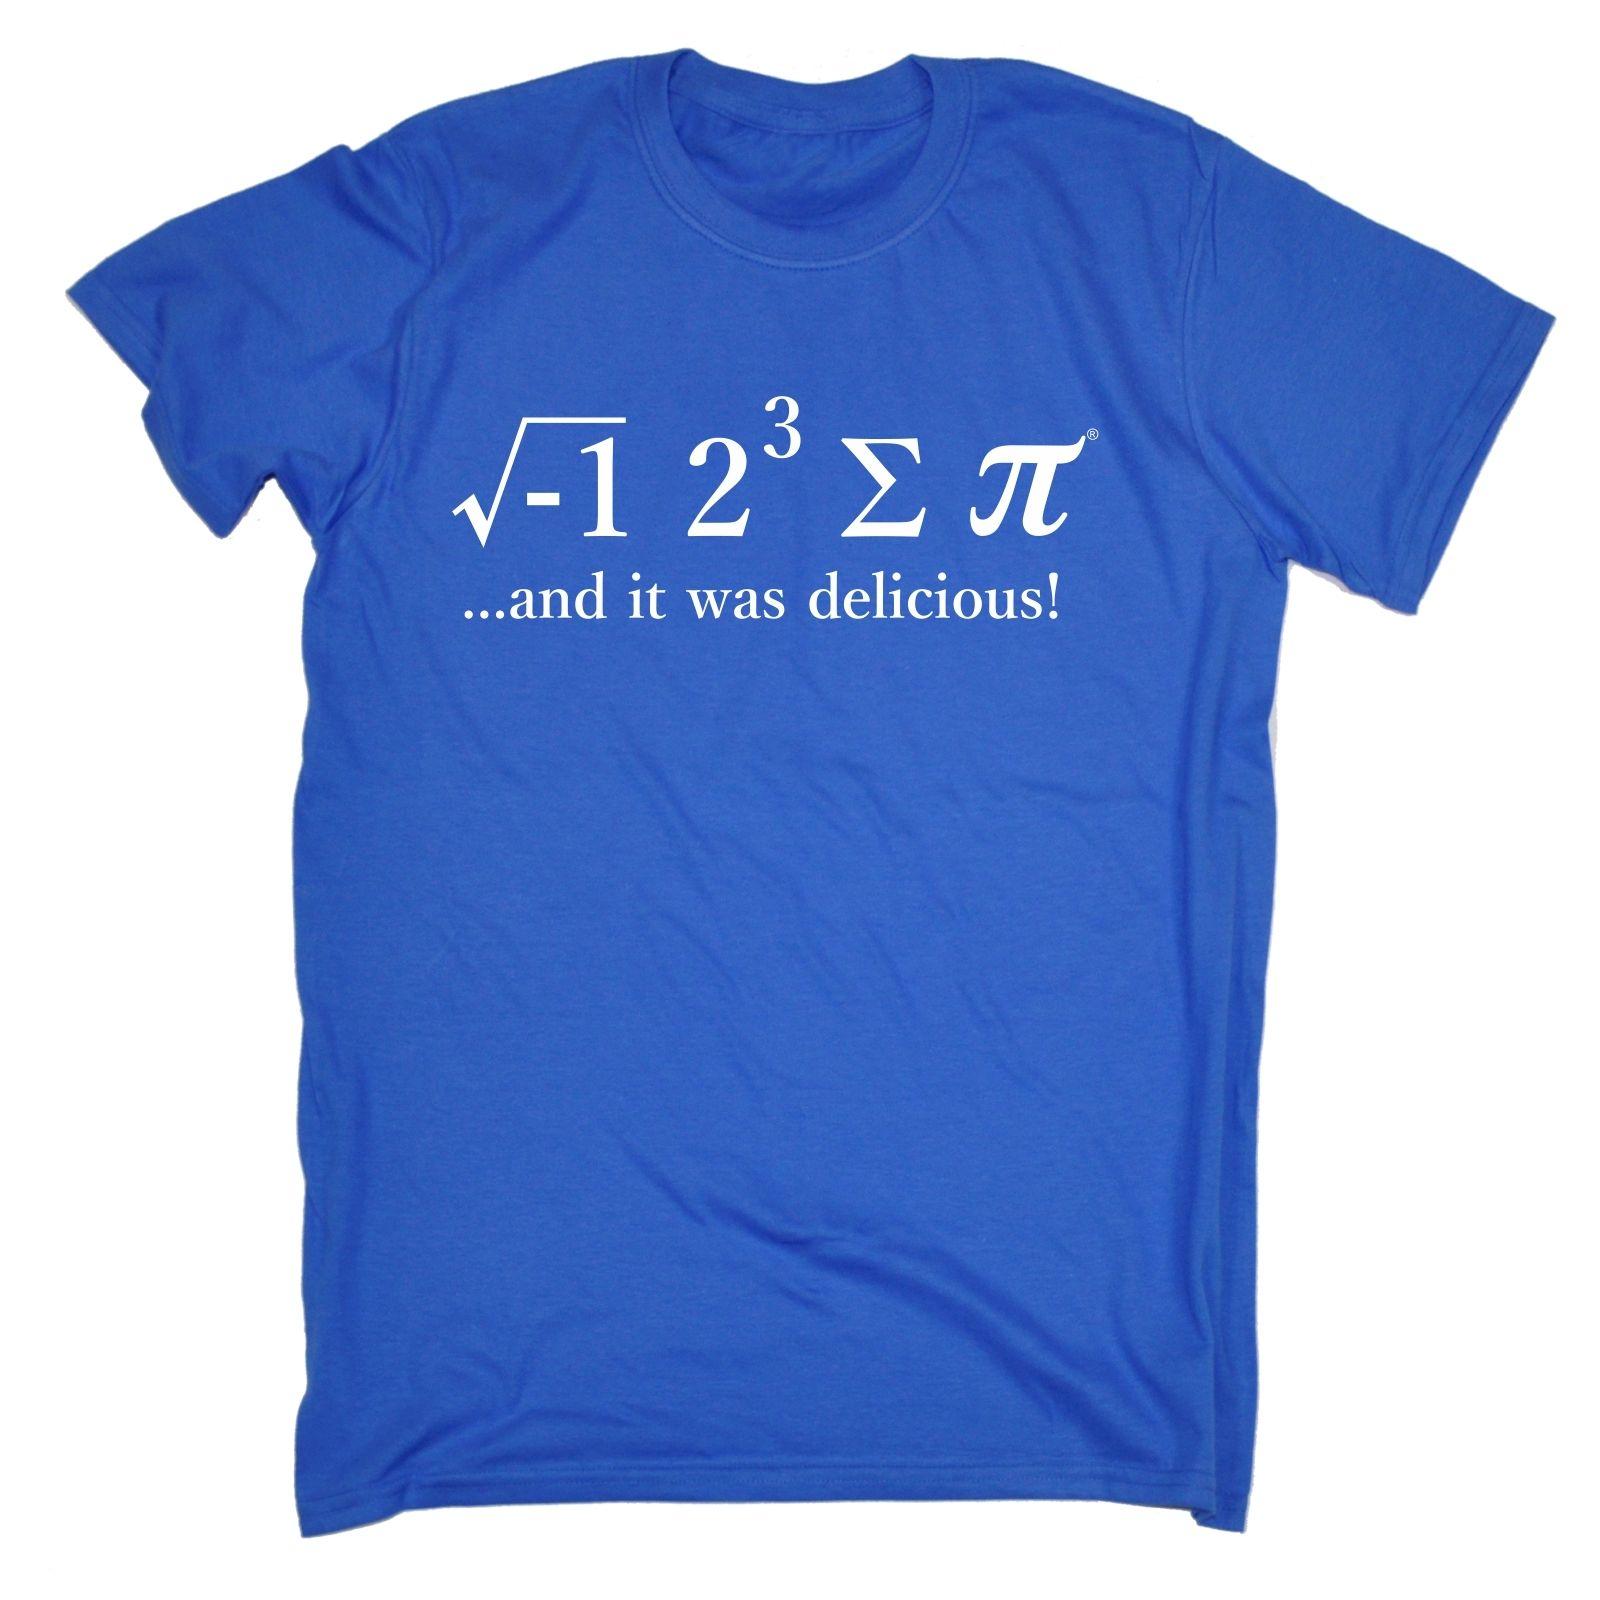 I 8 SUM Pi T-shirt torta matematica matematica matematica Geek Nerd Tee Regalo Di Compleanno Divertente